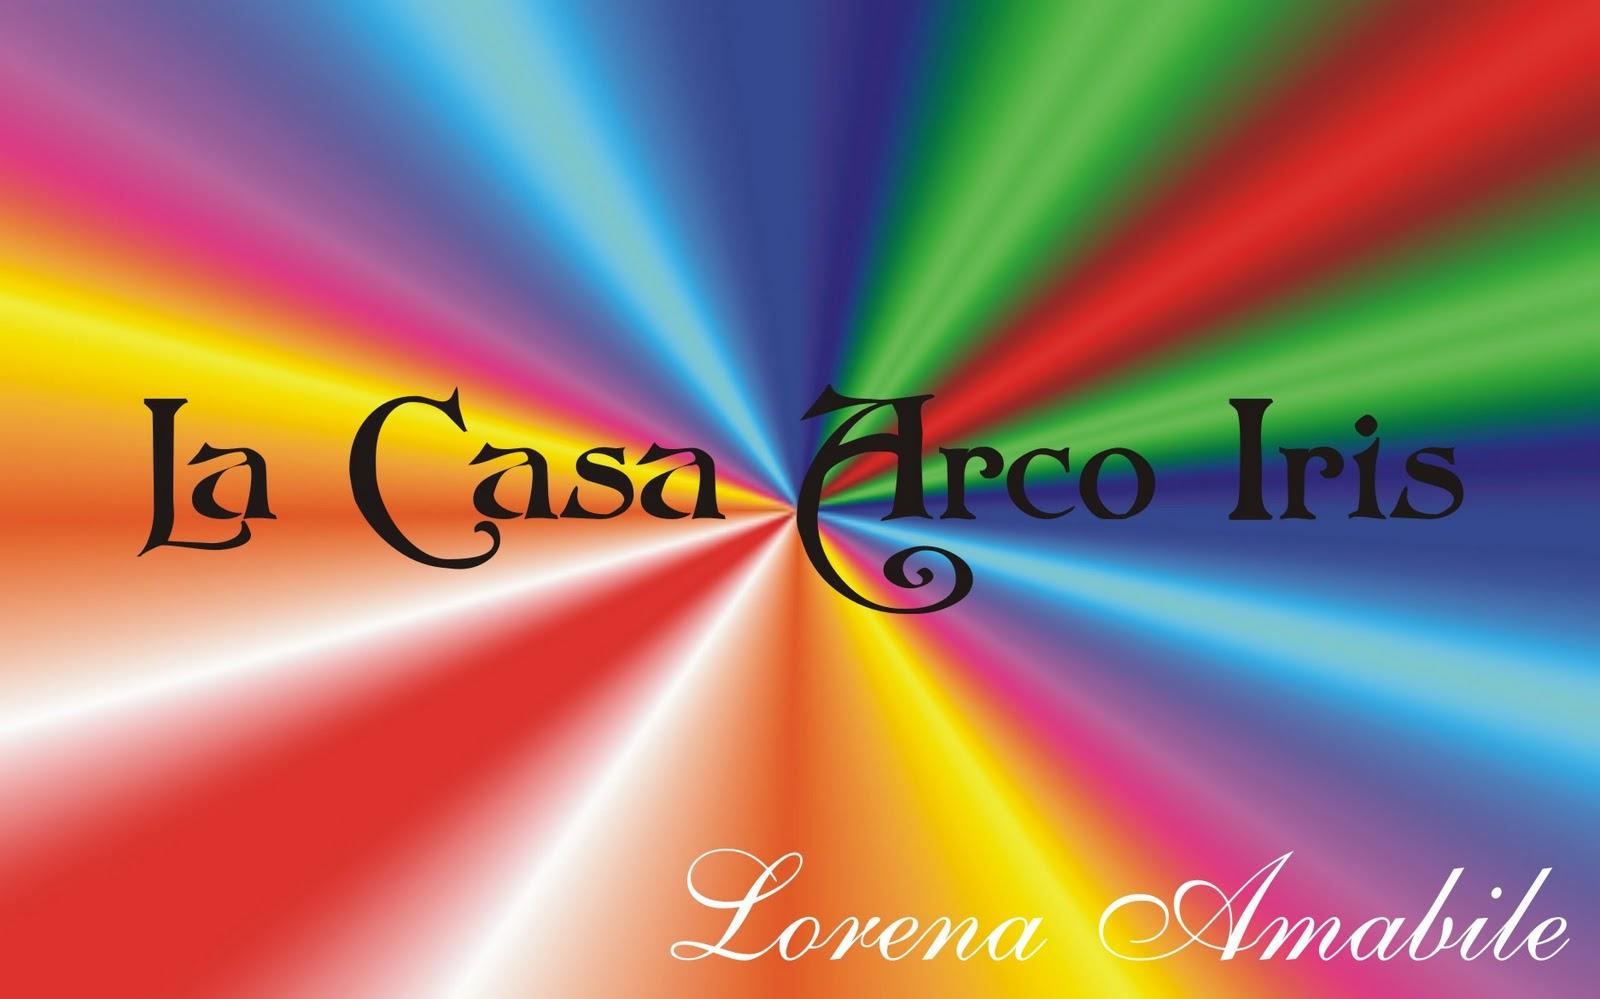 La casa arco iris febrero 2011 - Hostal casa arco iris ...